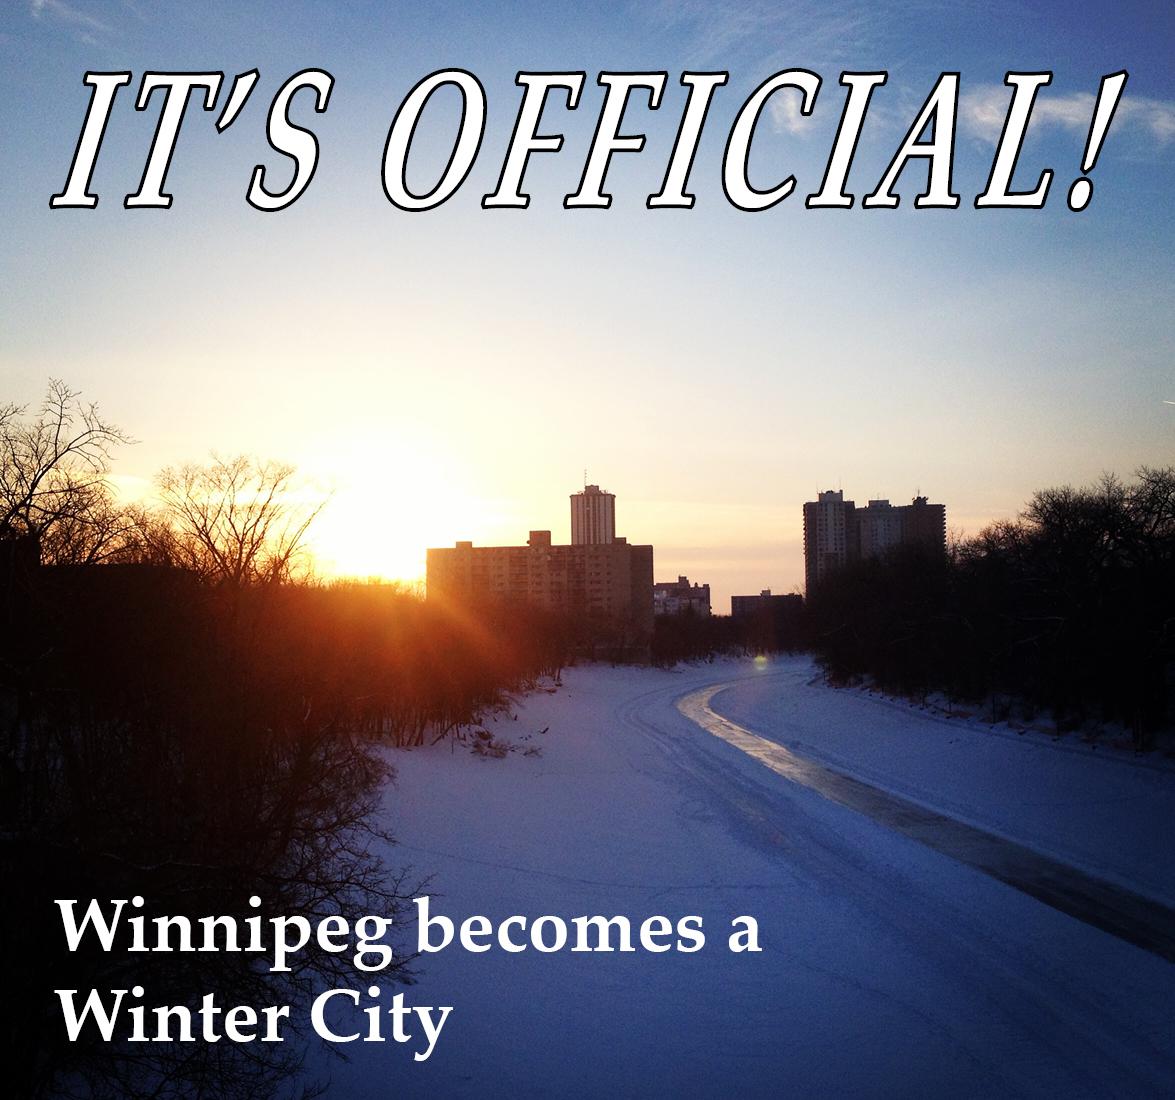 Winnipeg is a Winter City